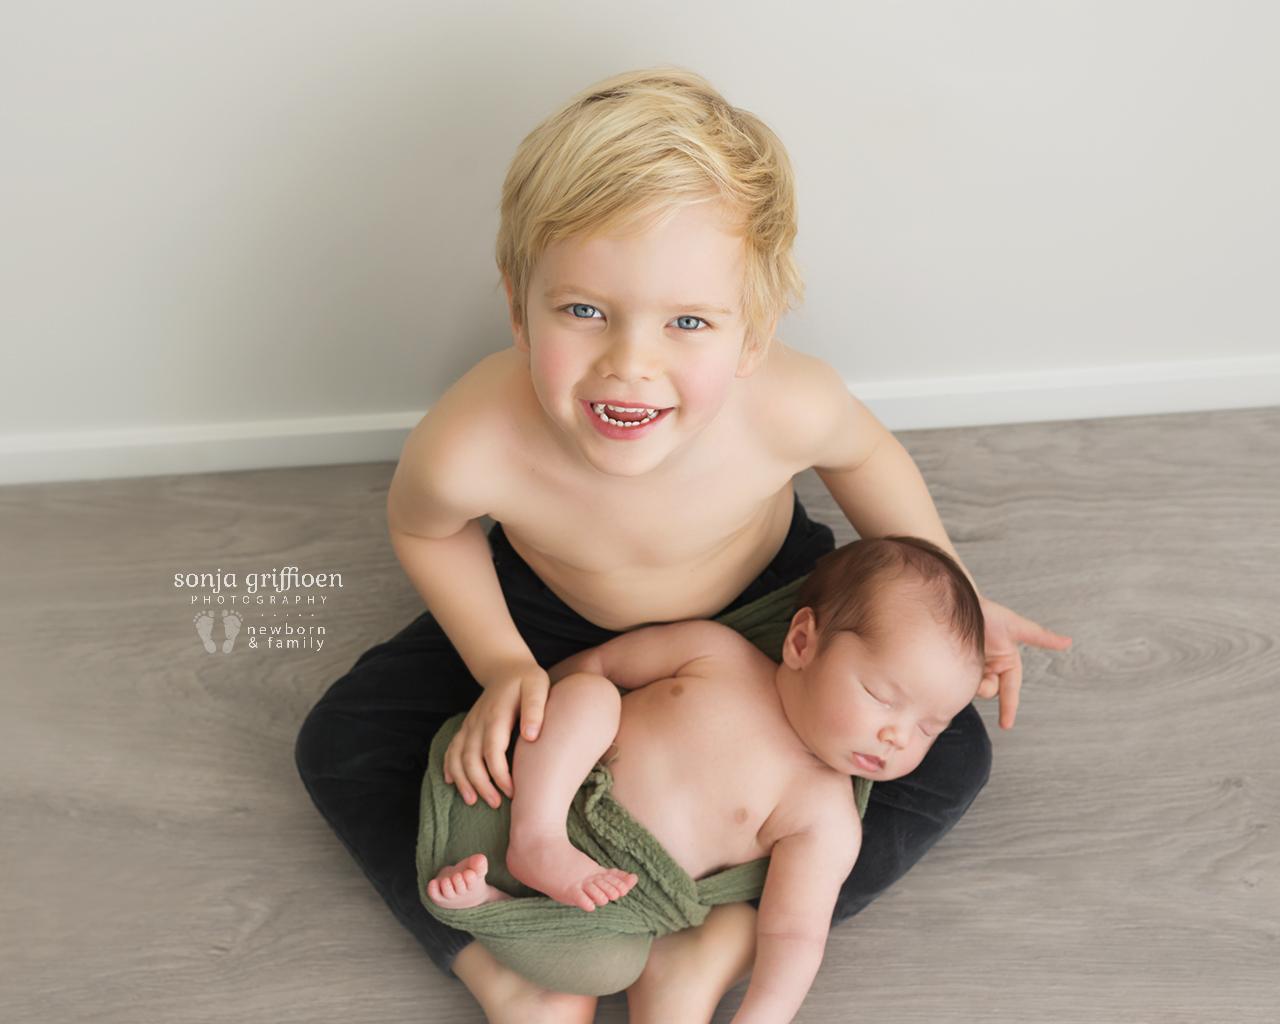 Martien-Newborn-Brisbane-Newborn-Photographer-Sonja-Griffioen-13.jpg